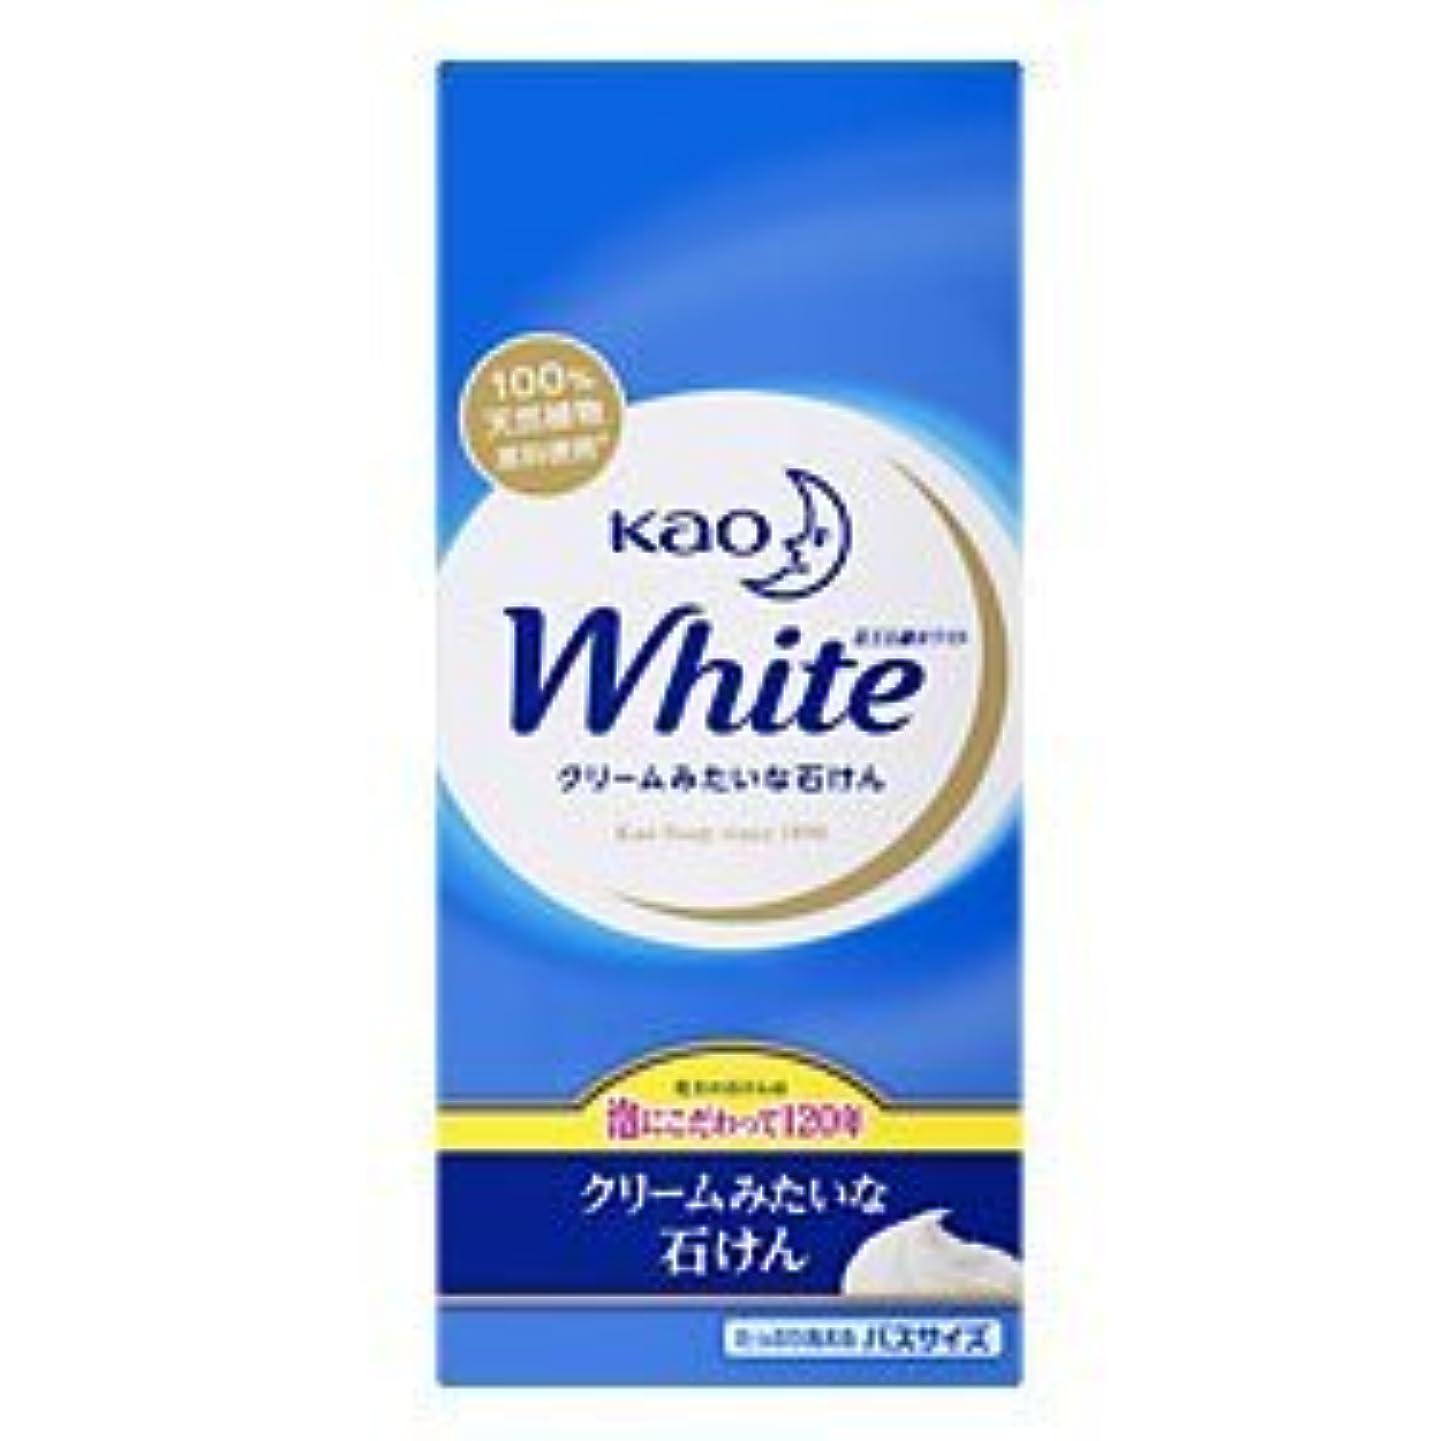 版手つかずのキャンディー【花王】花王ホワイト バスサイズ 130g×6個 ×5個セット